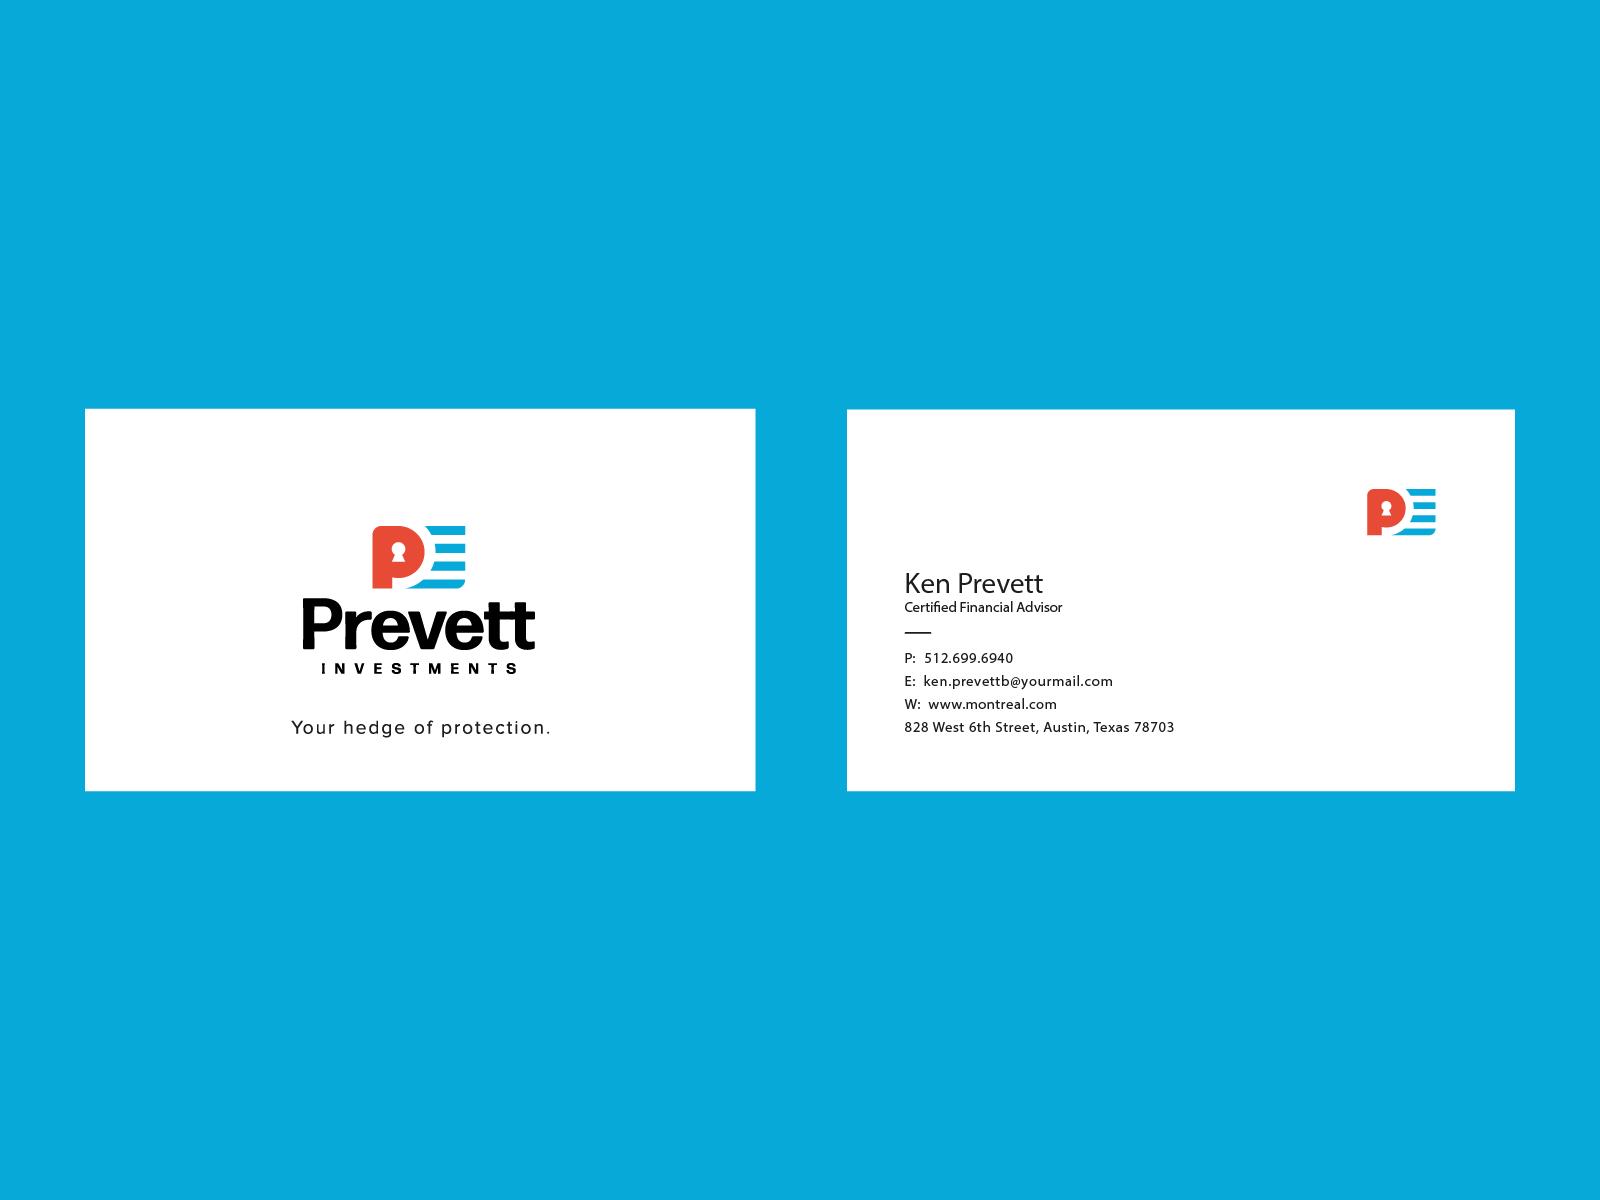 prevett5.png